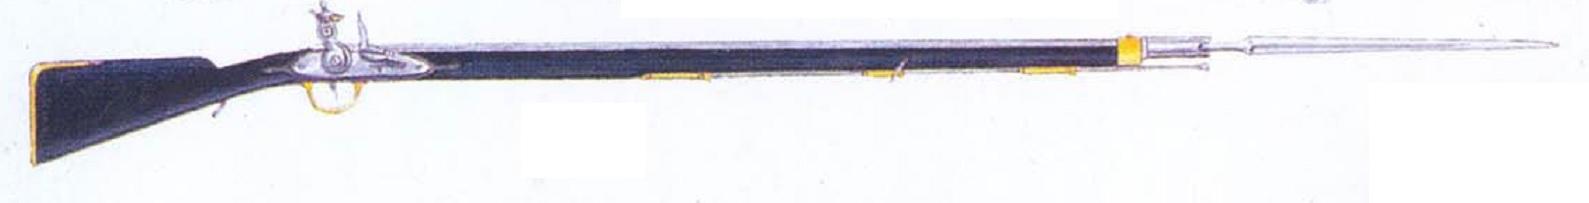 Фитильное огнестрельное оружие - PRO оружие